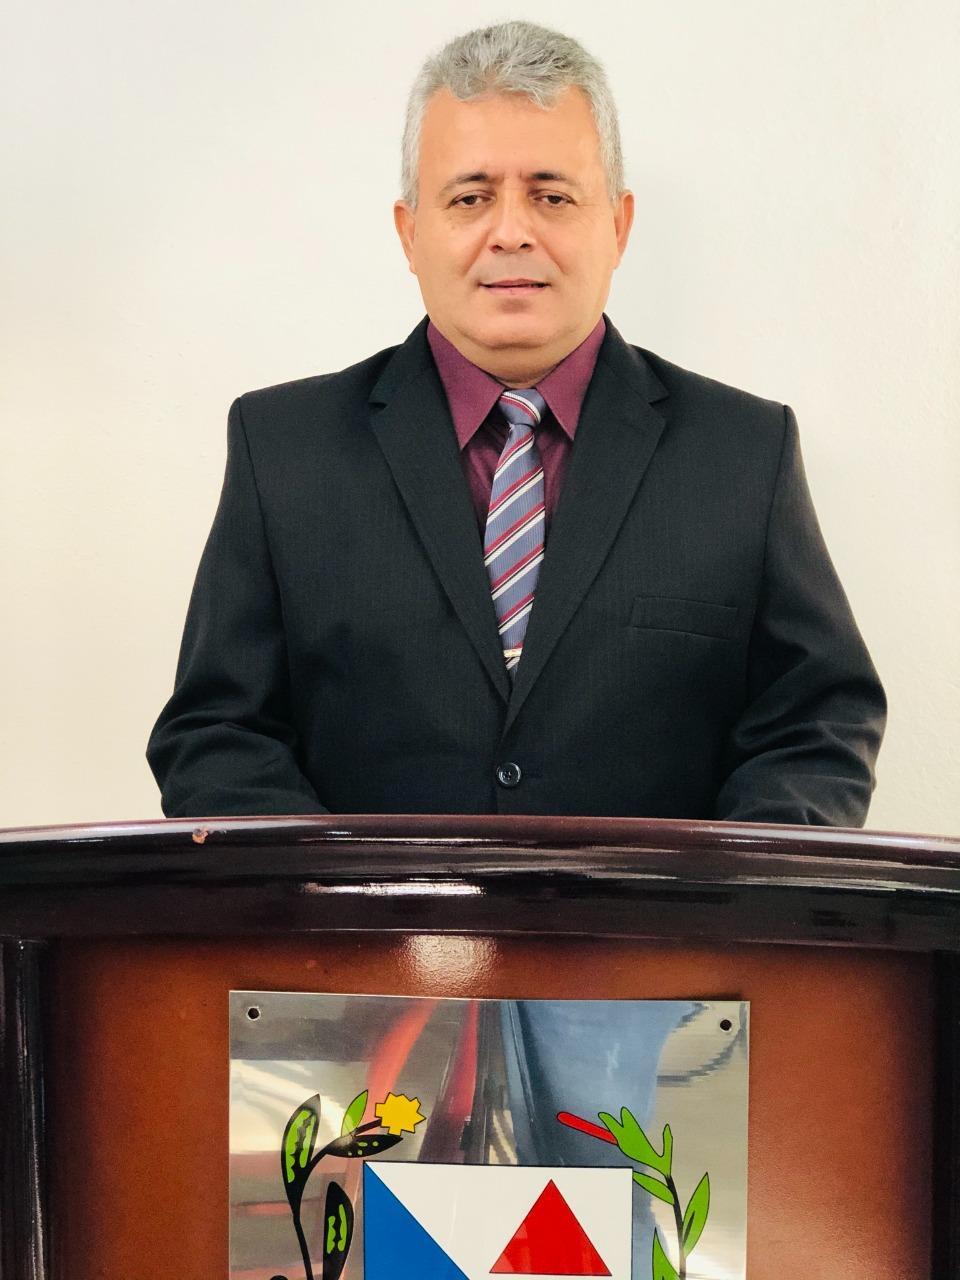 Paulo Sérgio Pereira de Mendonça